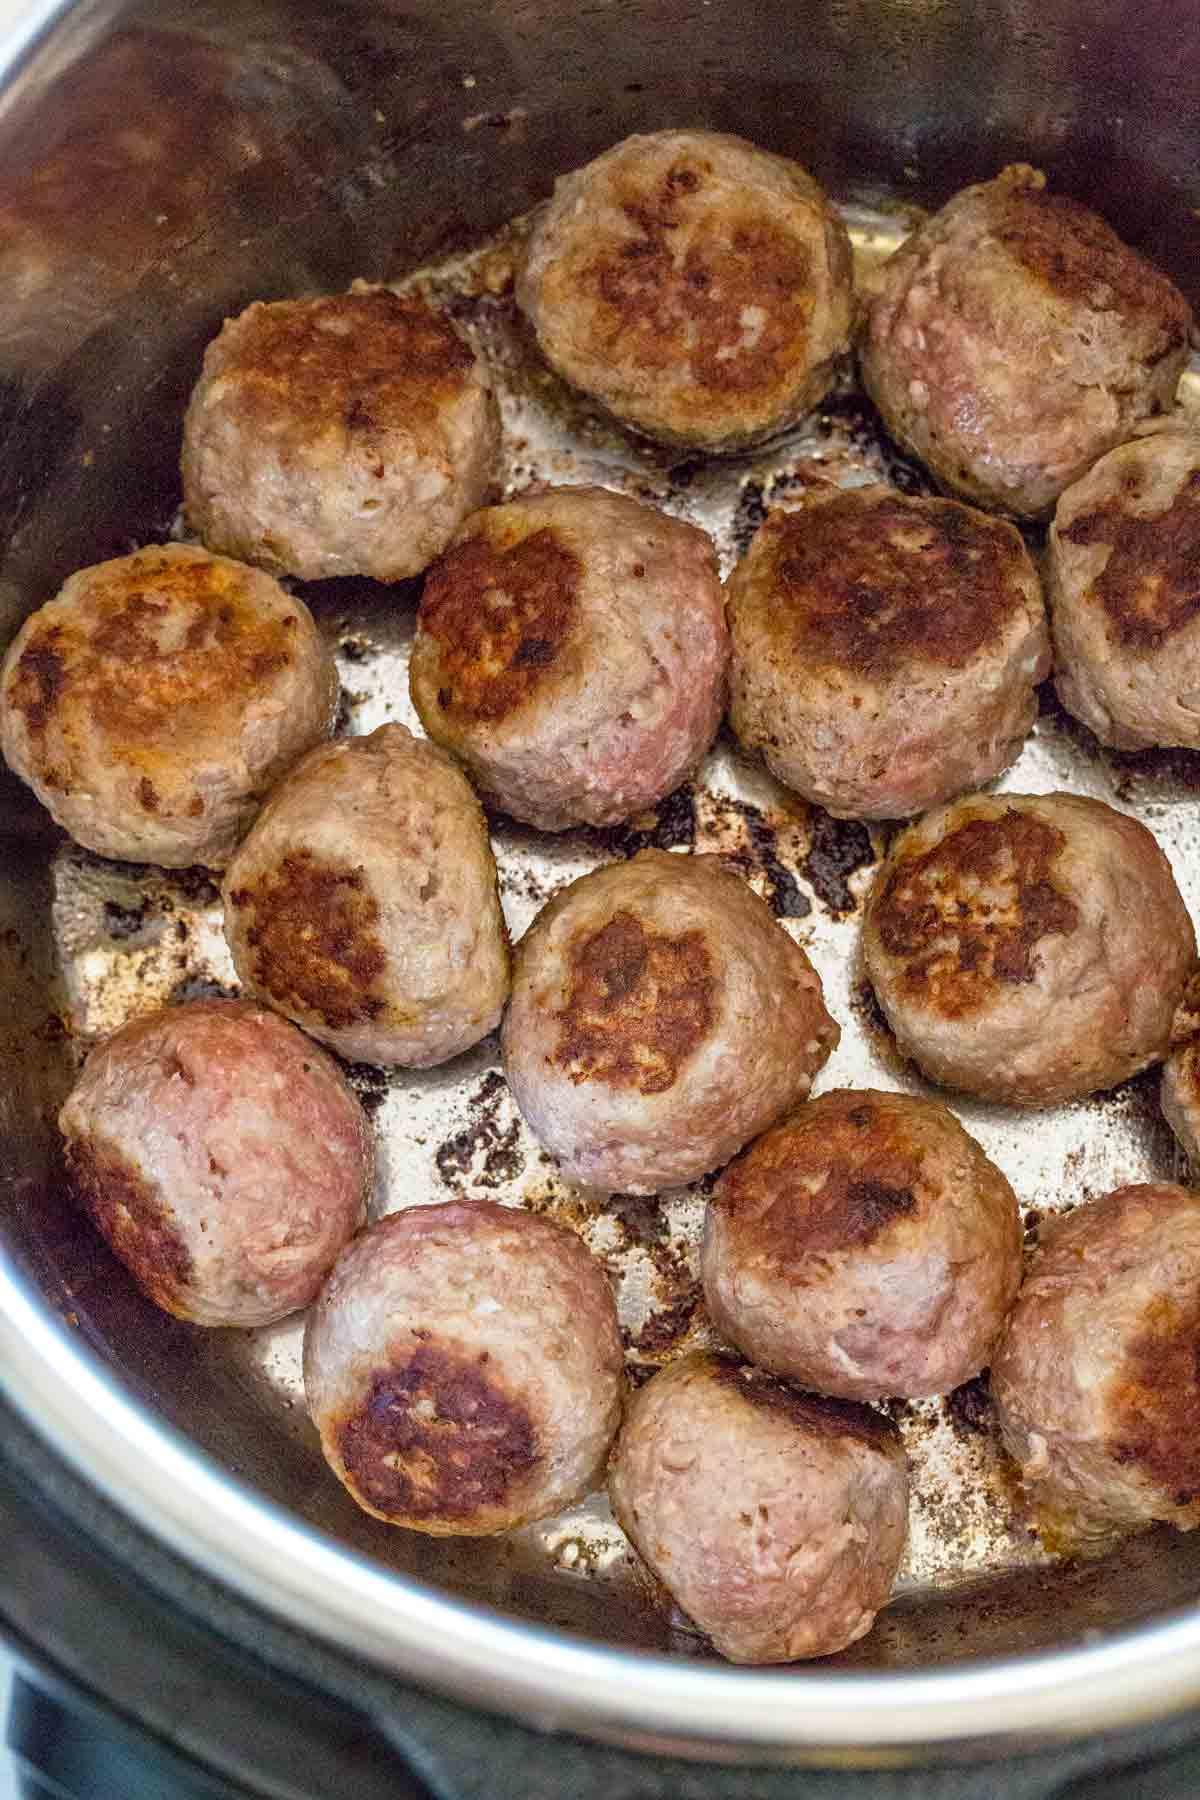 meatballs being sautéed inside an Instant Pot